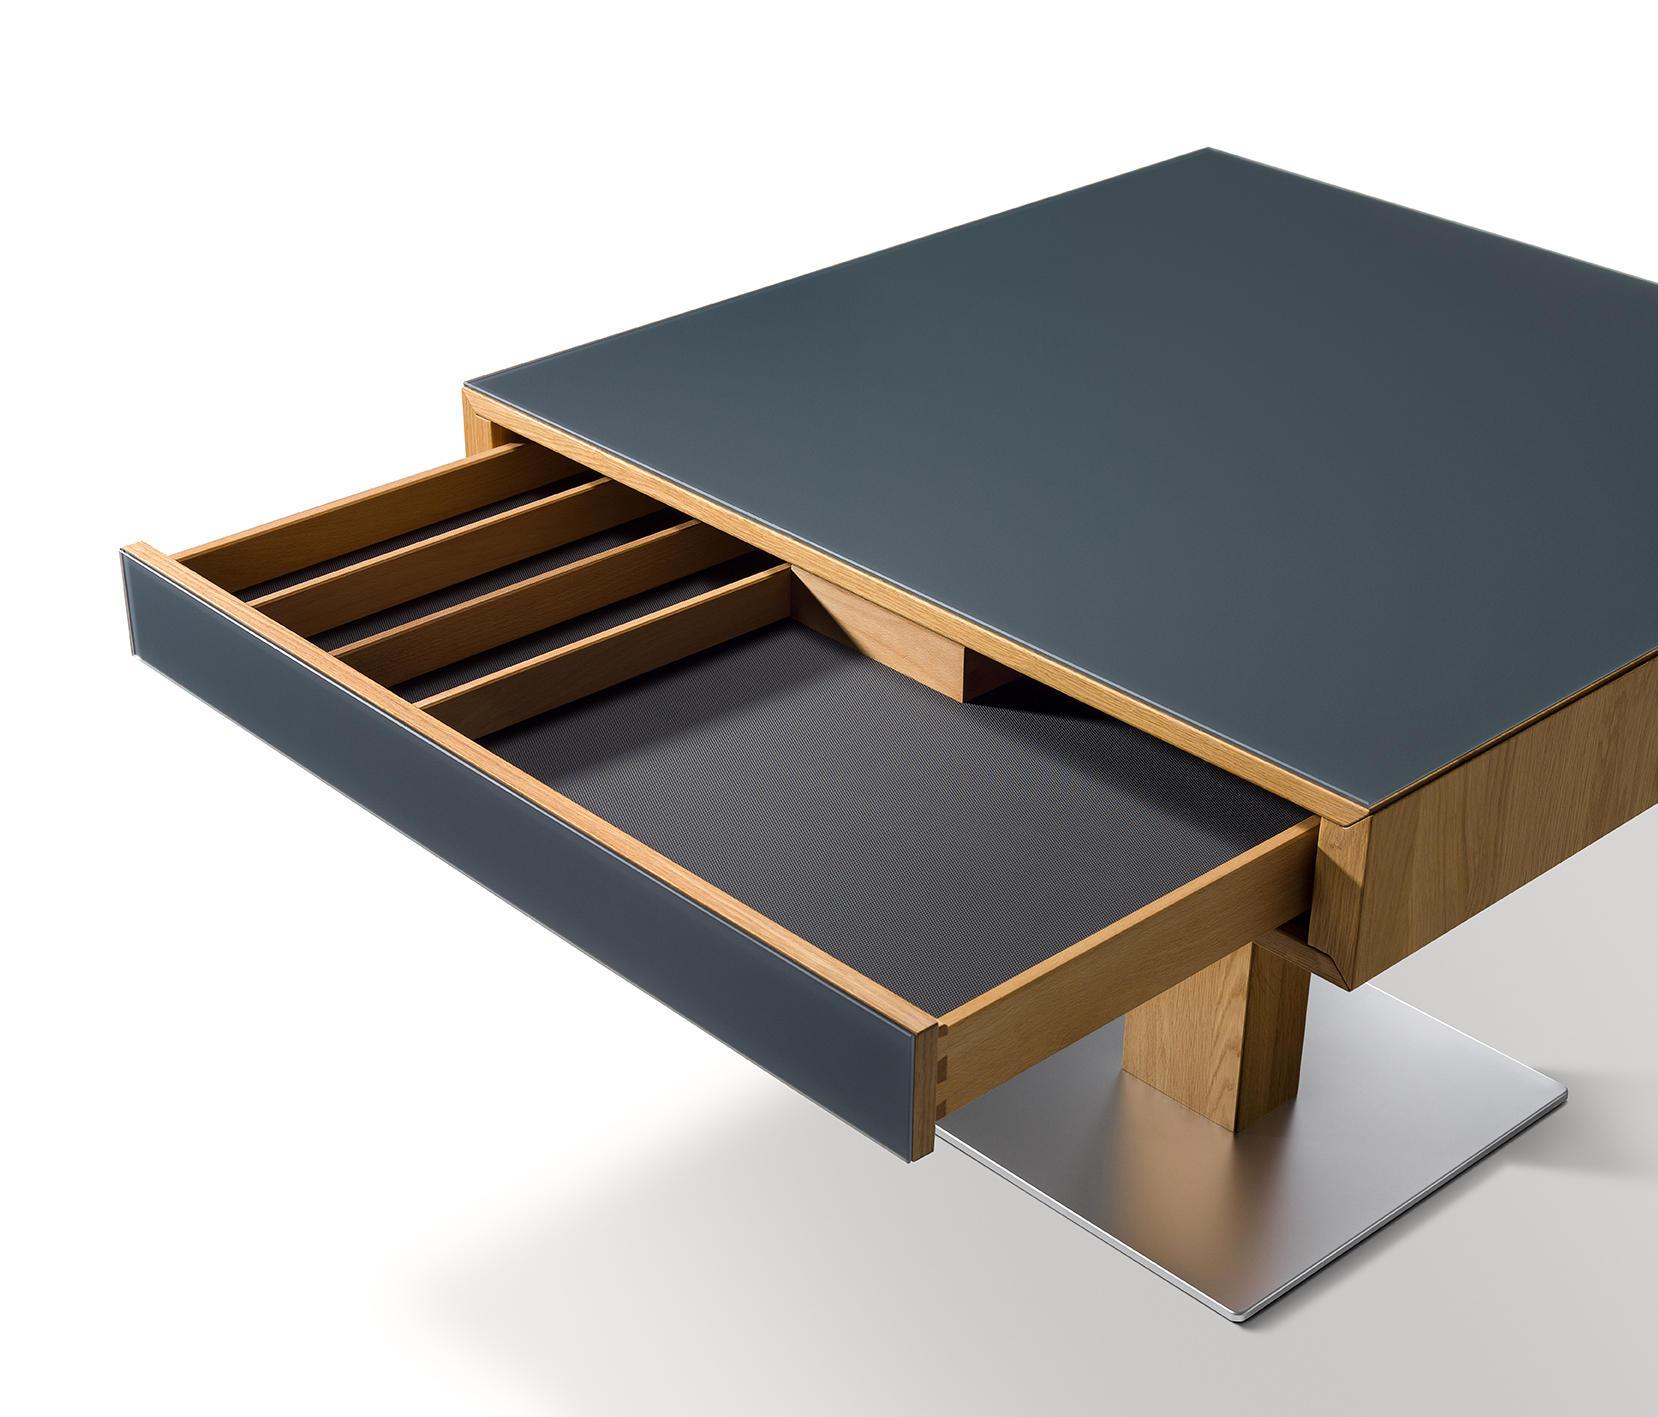 lift couchtisch couchtische von team 7 architonic. Black Bedroom Furniture Sets. Home Design Ideas